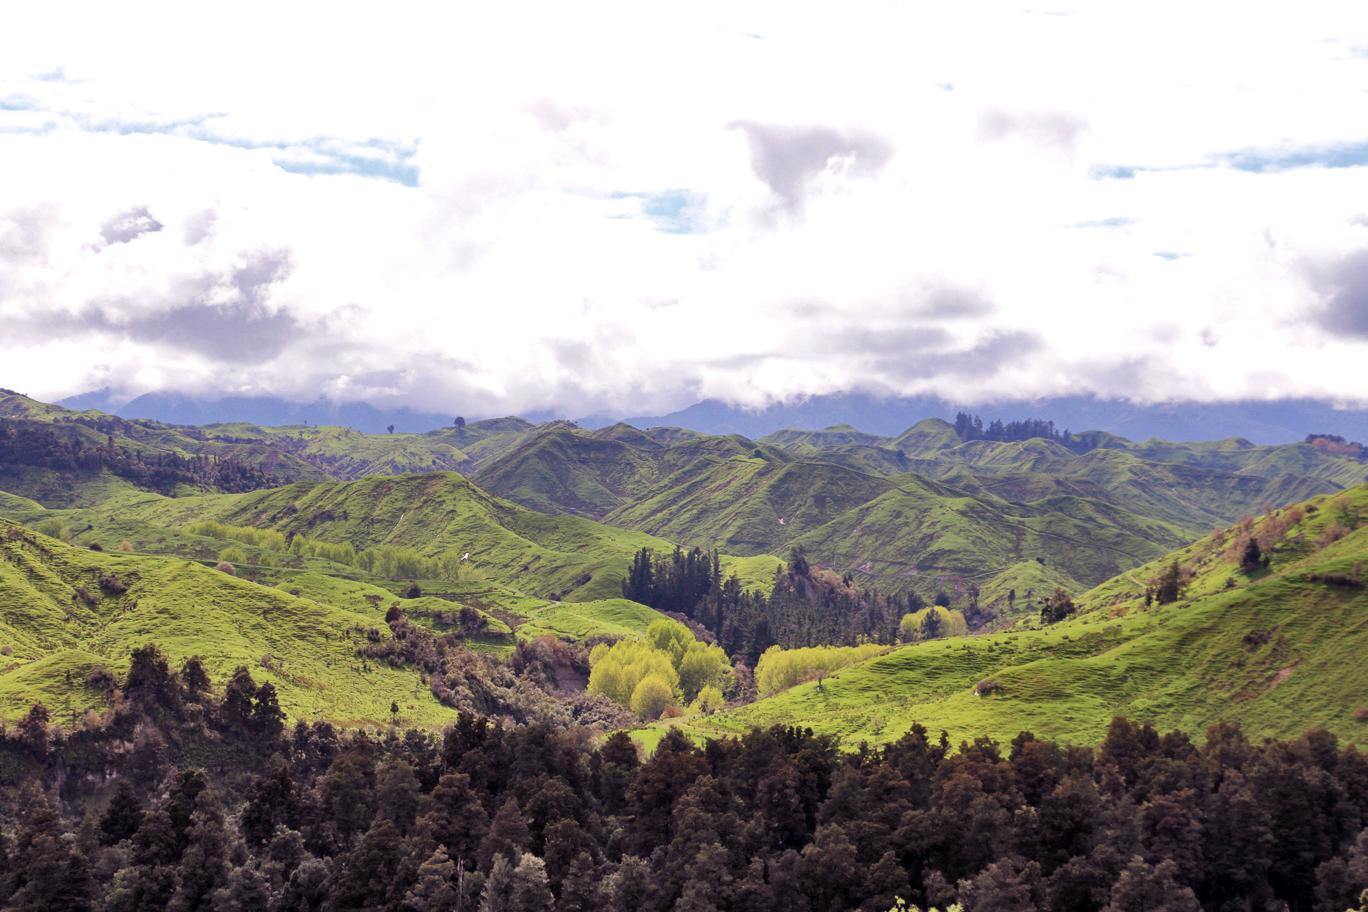 Les collines à perte de vue...